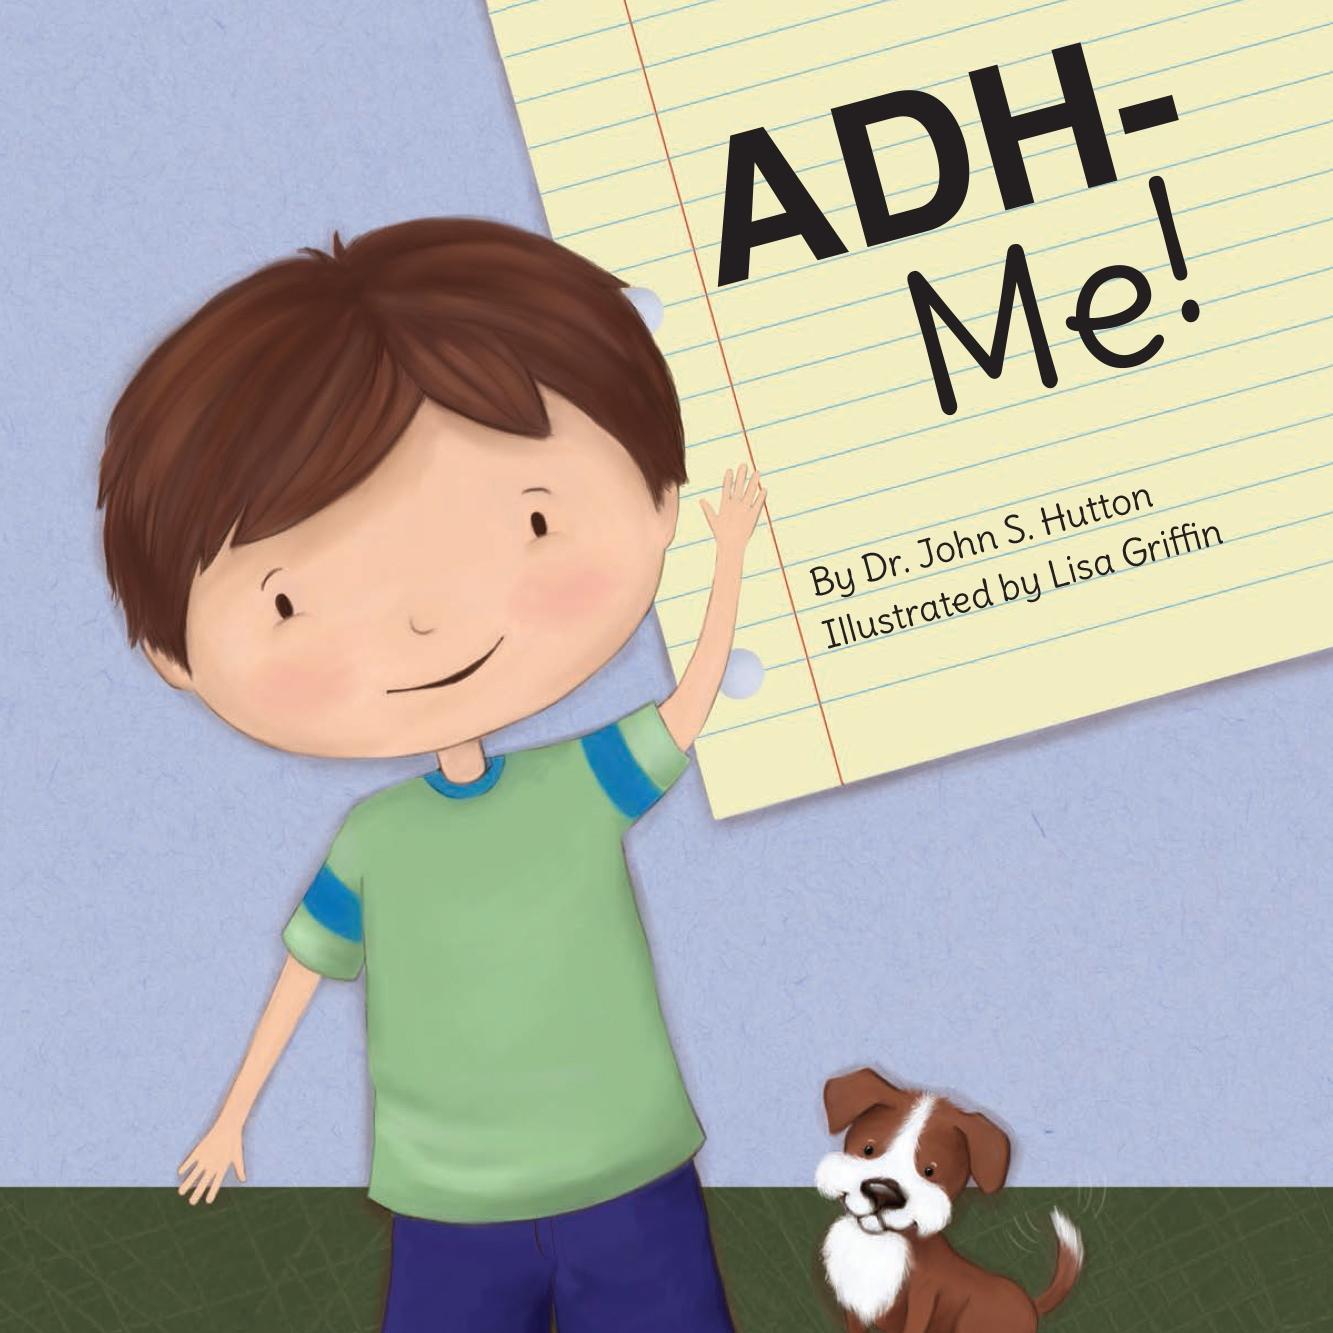 ADH-Me!